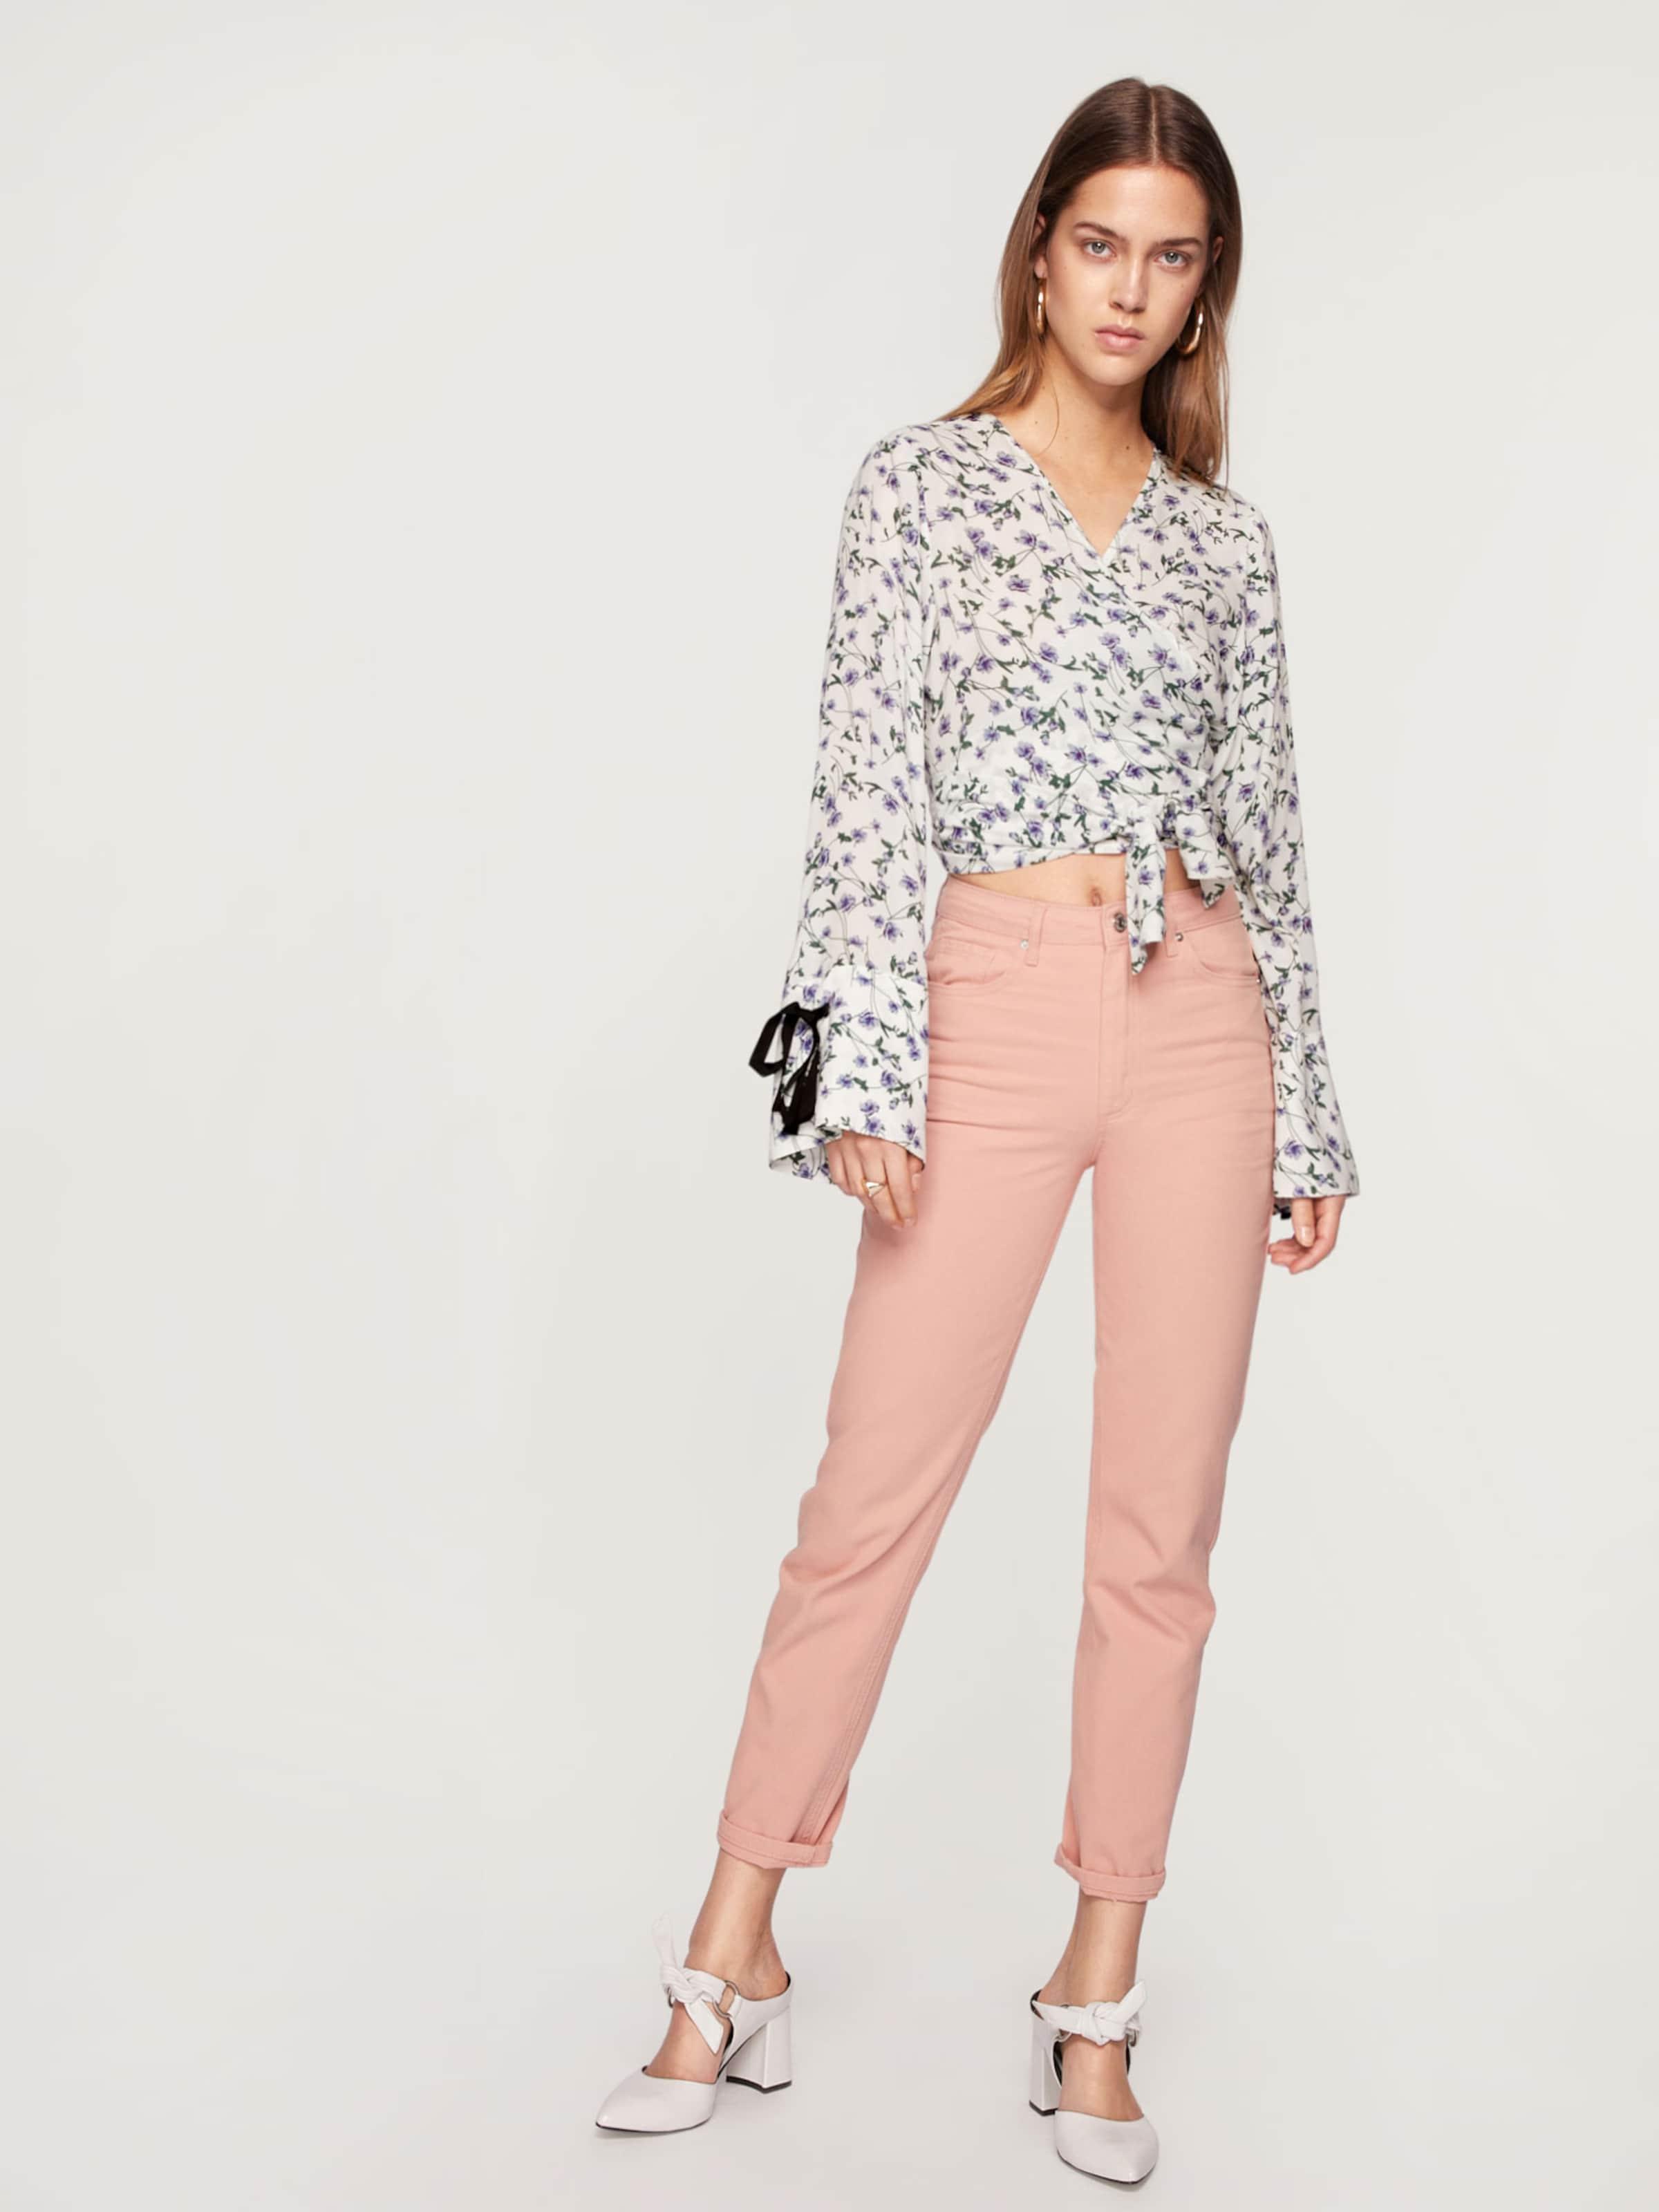 Billig Verkauf Browse Billig Ausverkauf EDITED the label Bluse 'Tonja' Verkauf Mode-Stil Eastbay Günstig Online Verkauf 0nDzPiipWM